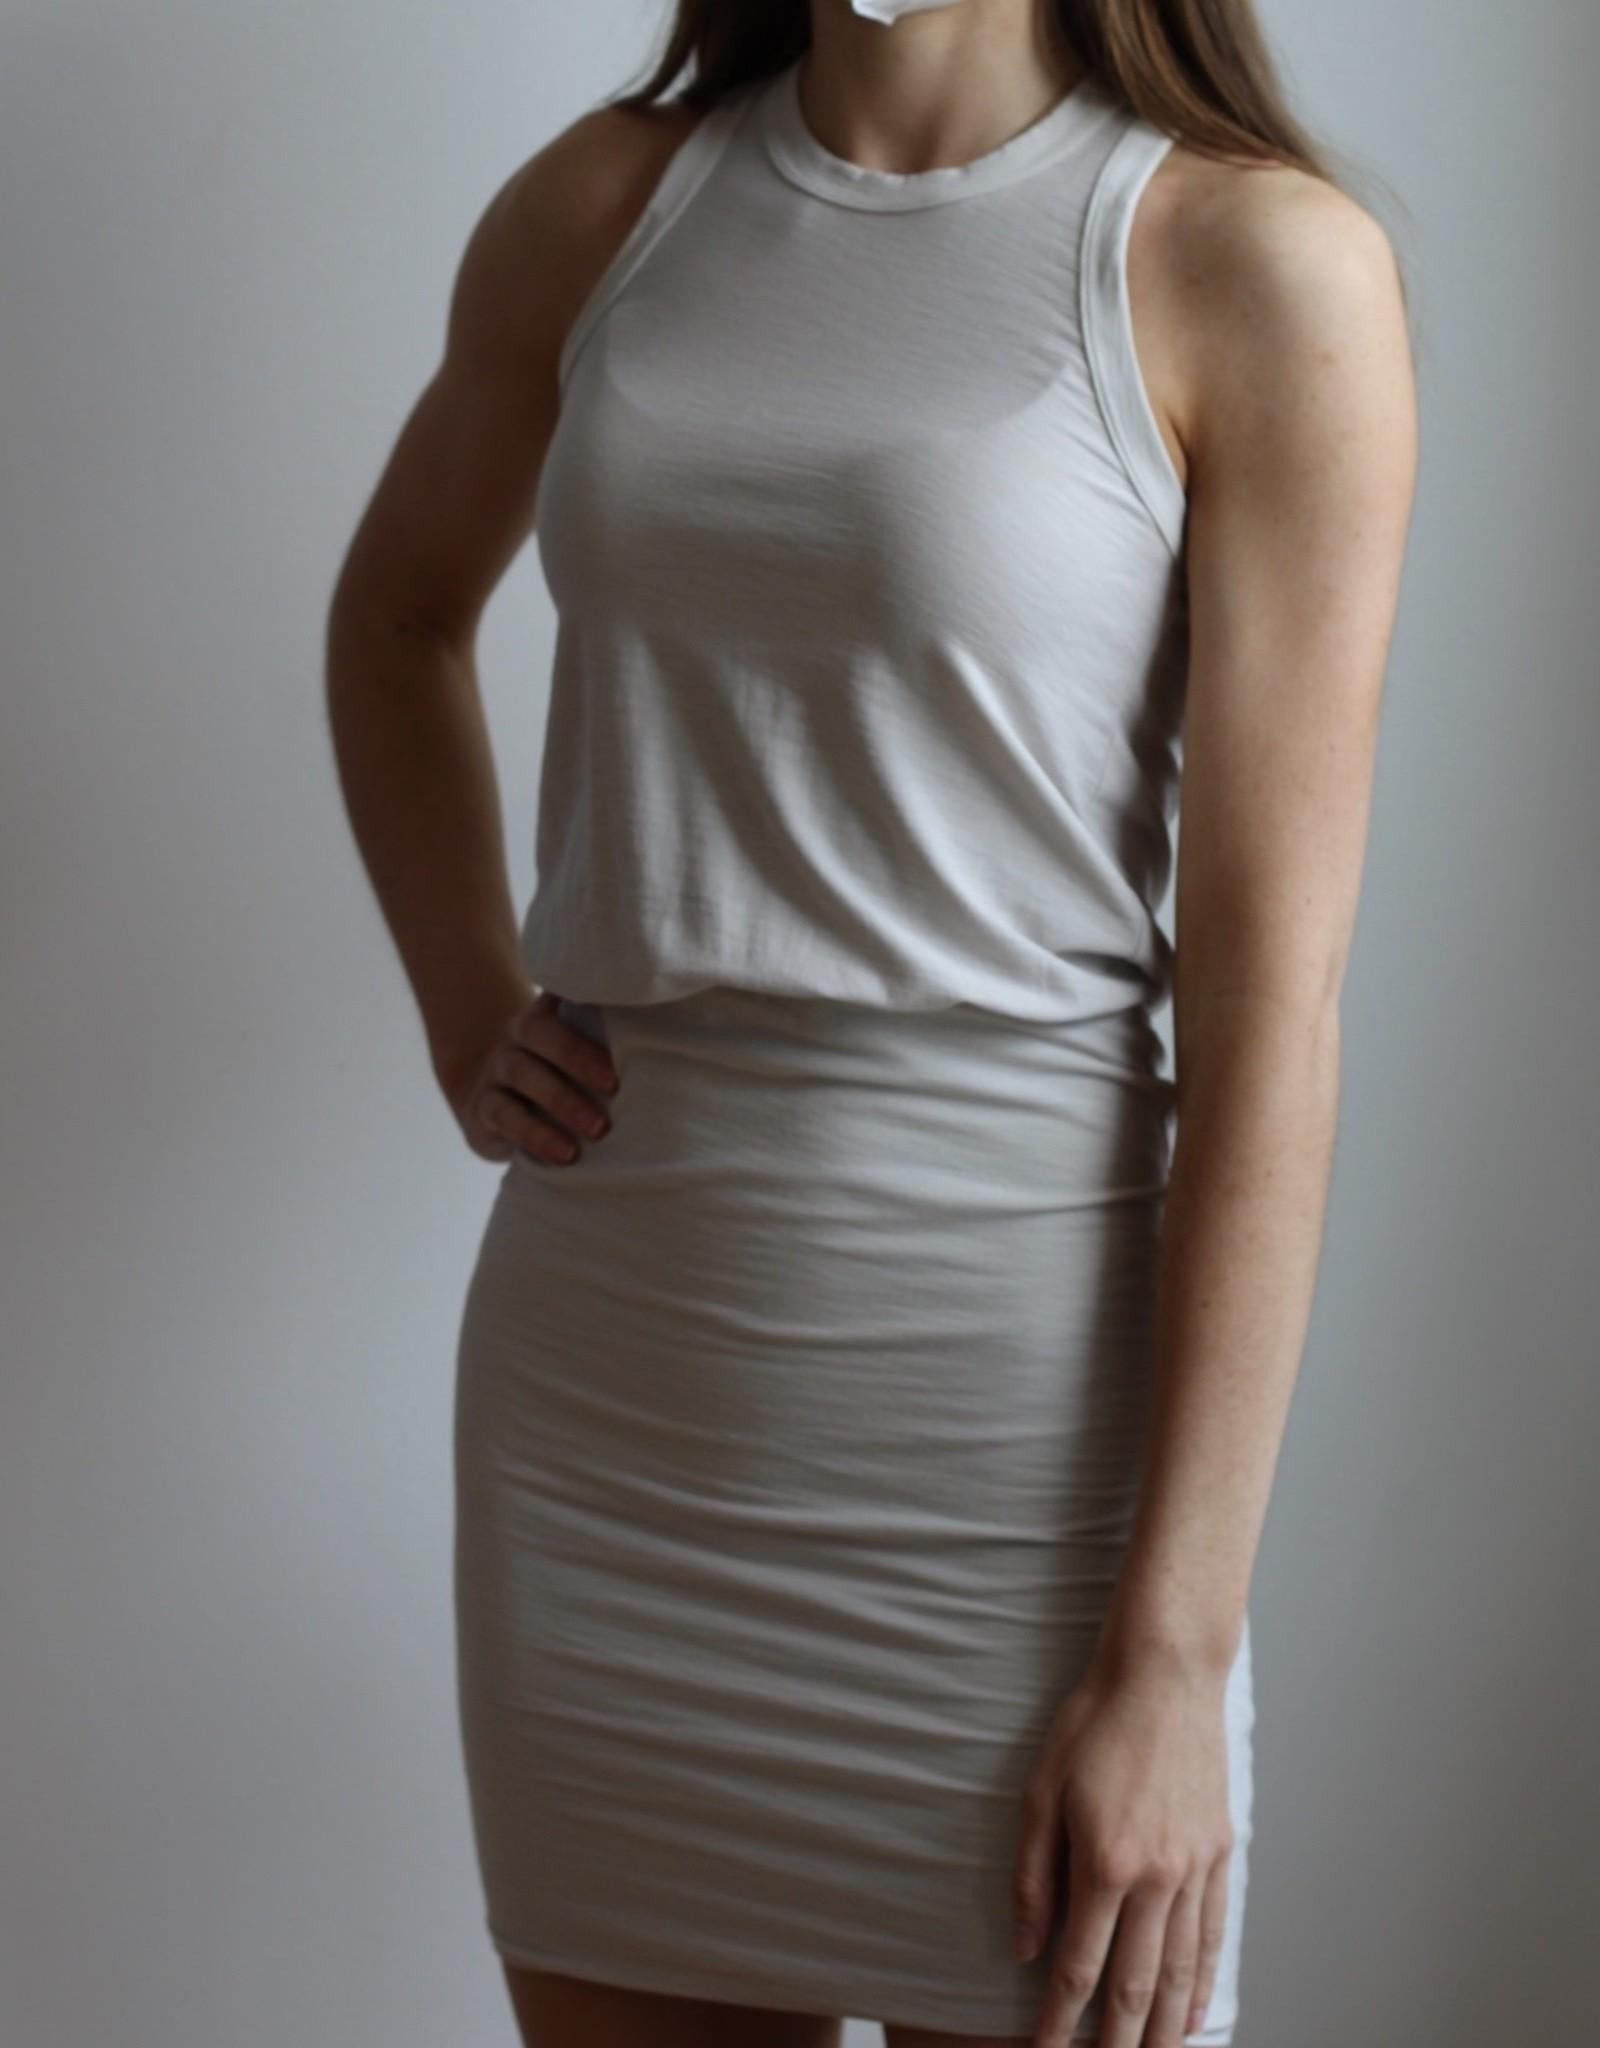 James Perse Blouson Tank Dress